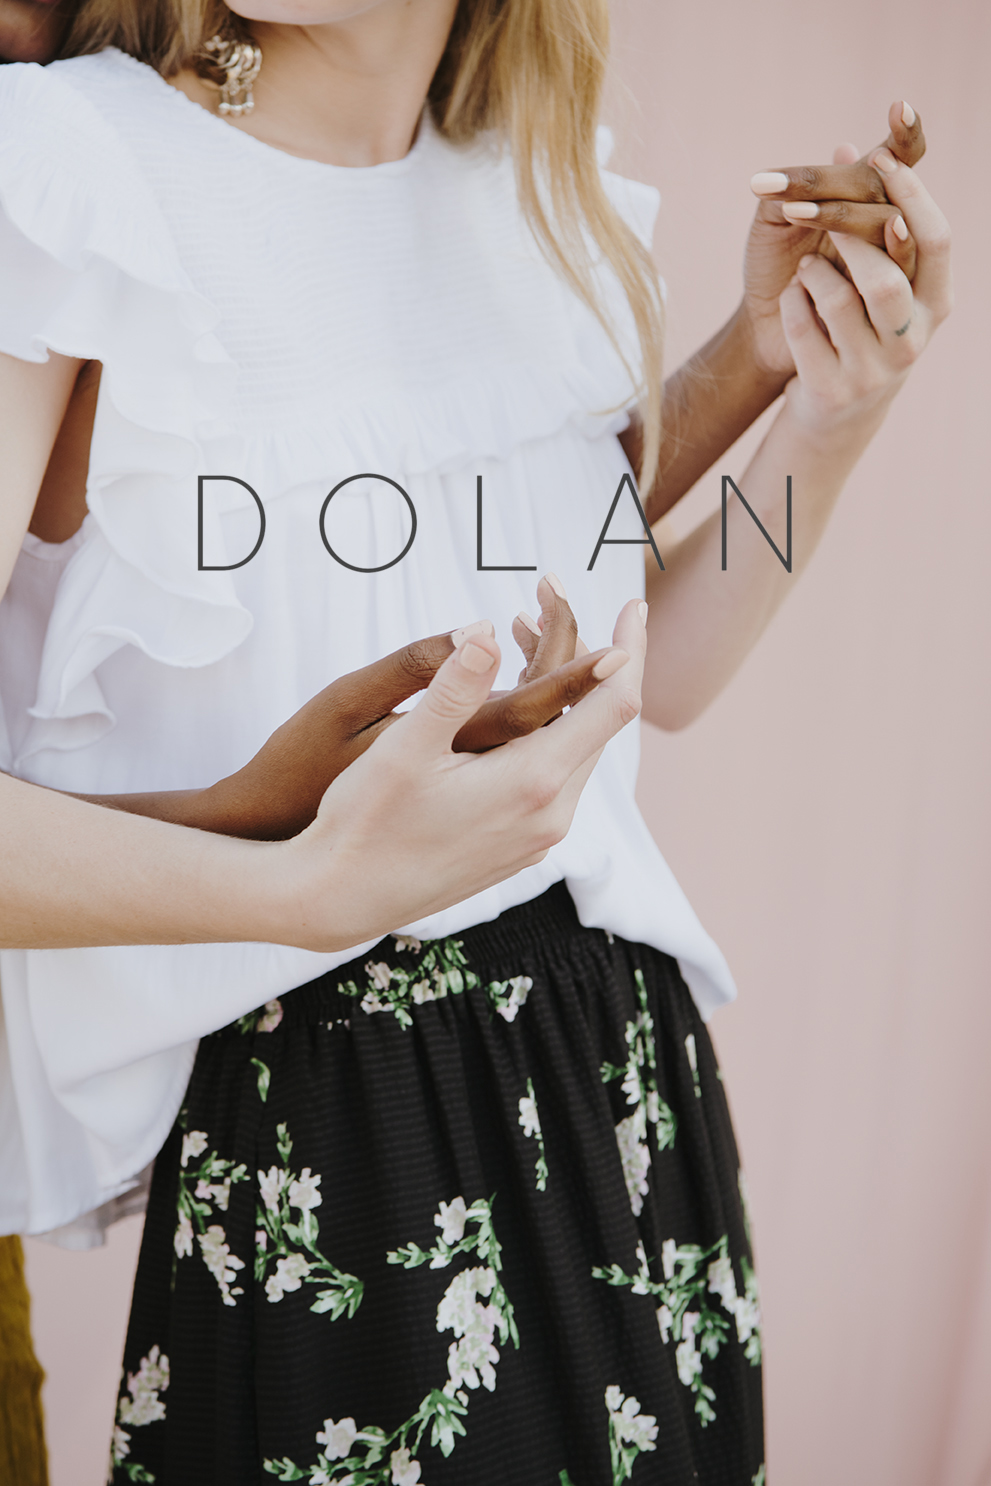 dolan_high_res_-0913.jpg